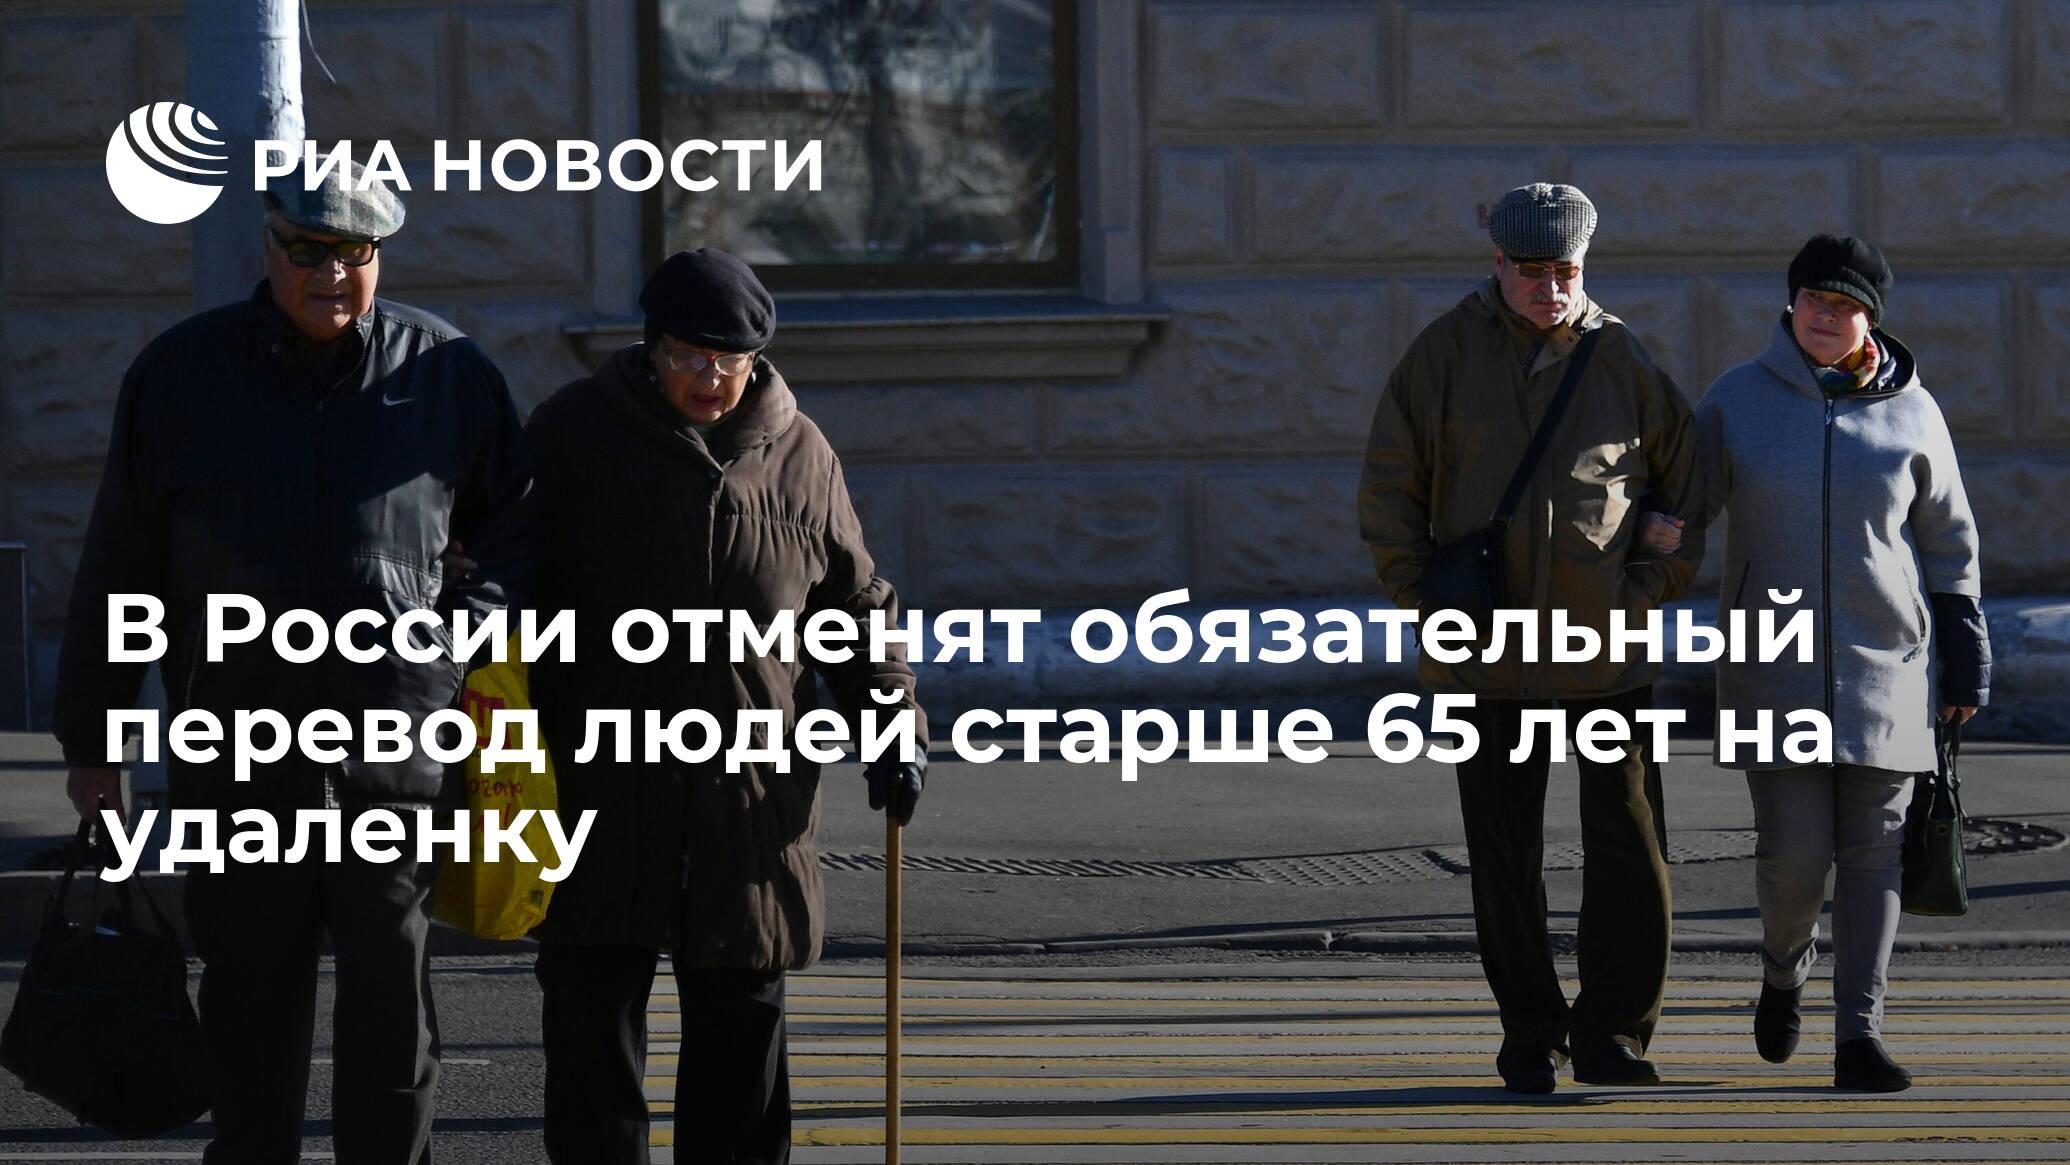 В России отменят обязательный перевод людей старше 65 лет на удаленку